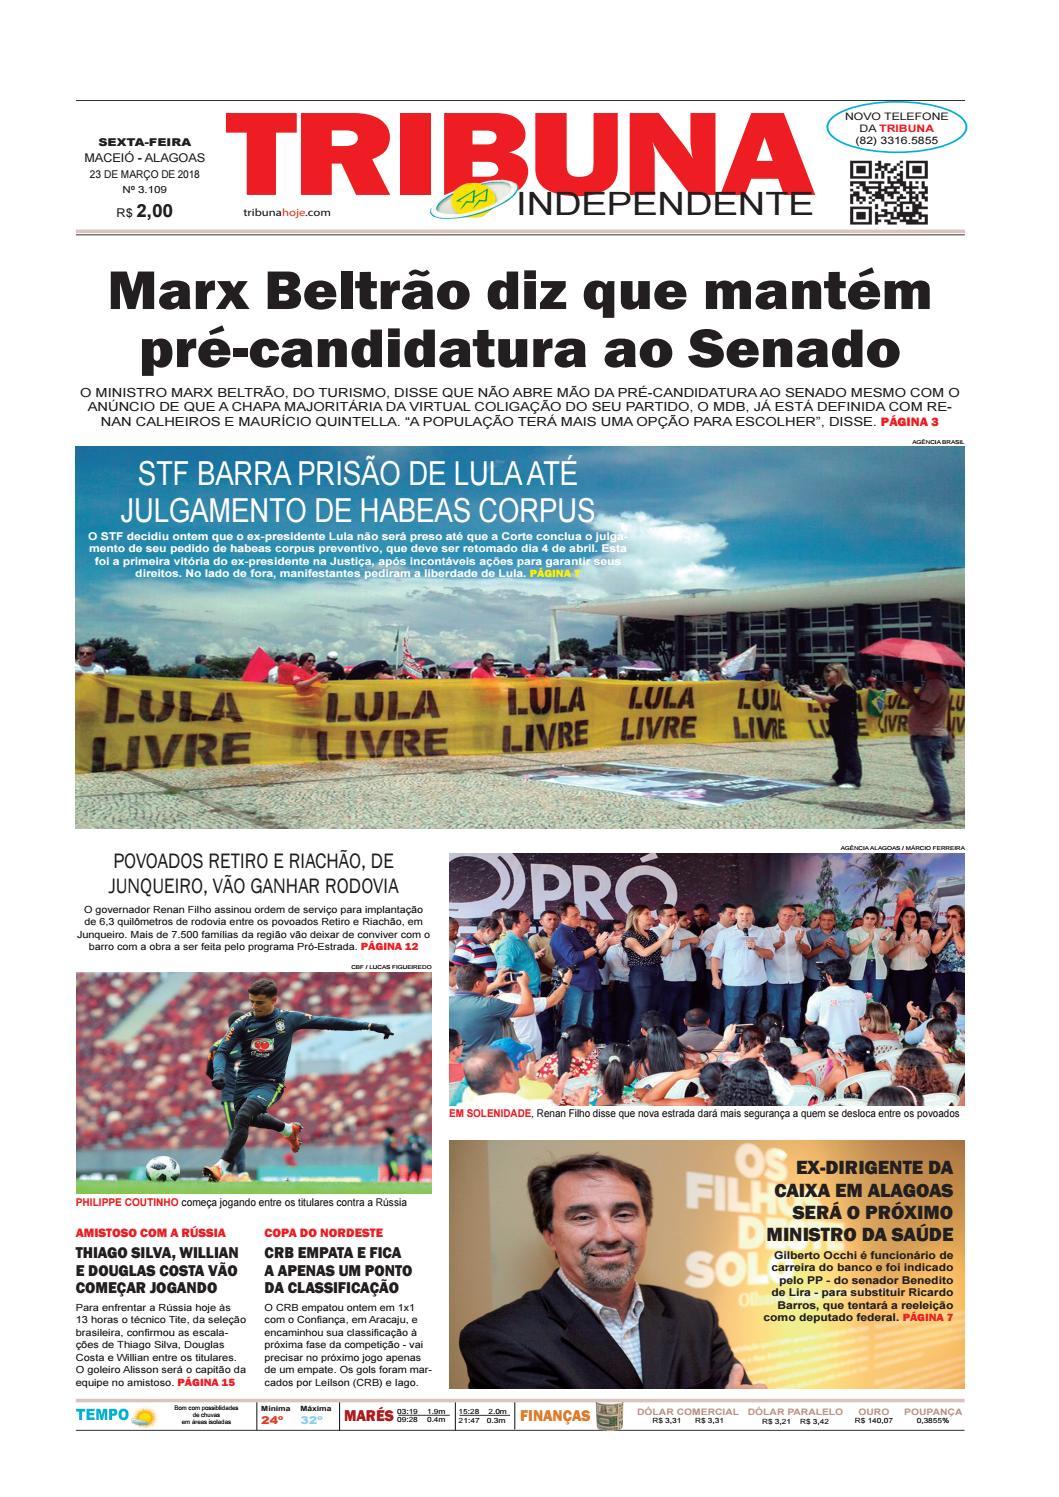 Edição número 3109 - 23 de março de 2018 by Tribuna Hoje - issuu e735750c5ad47